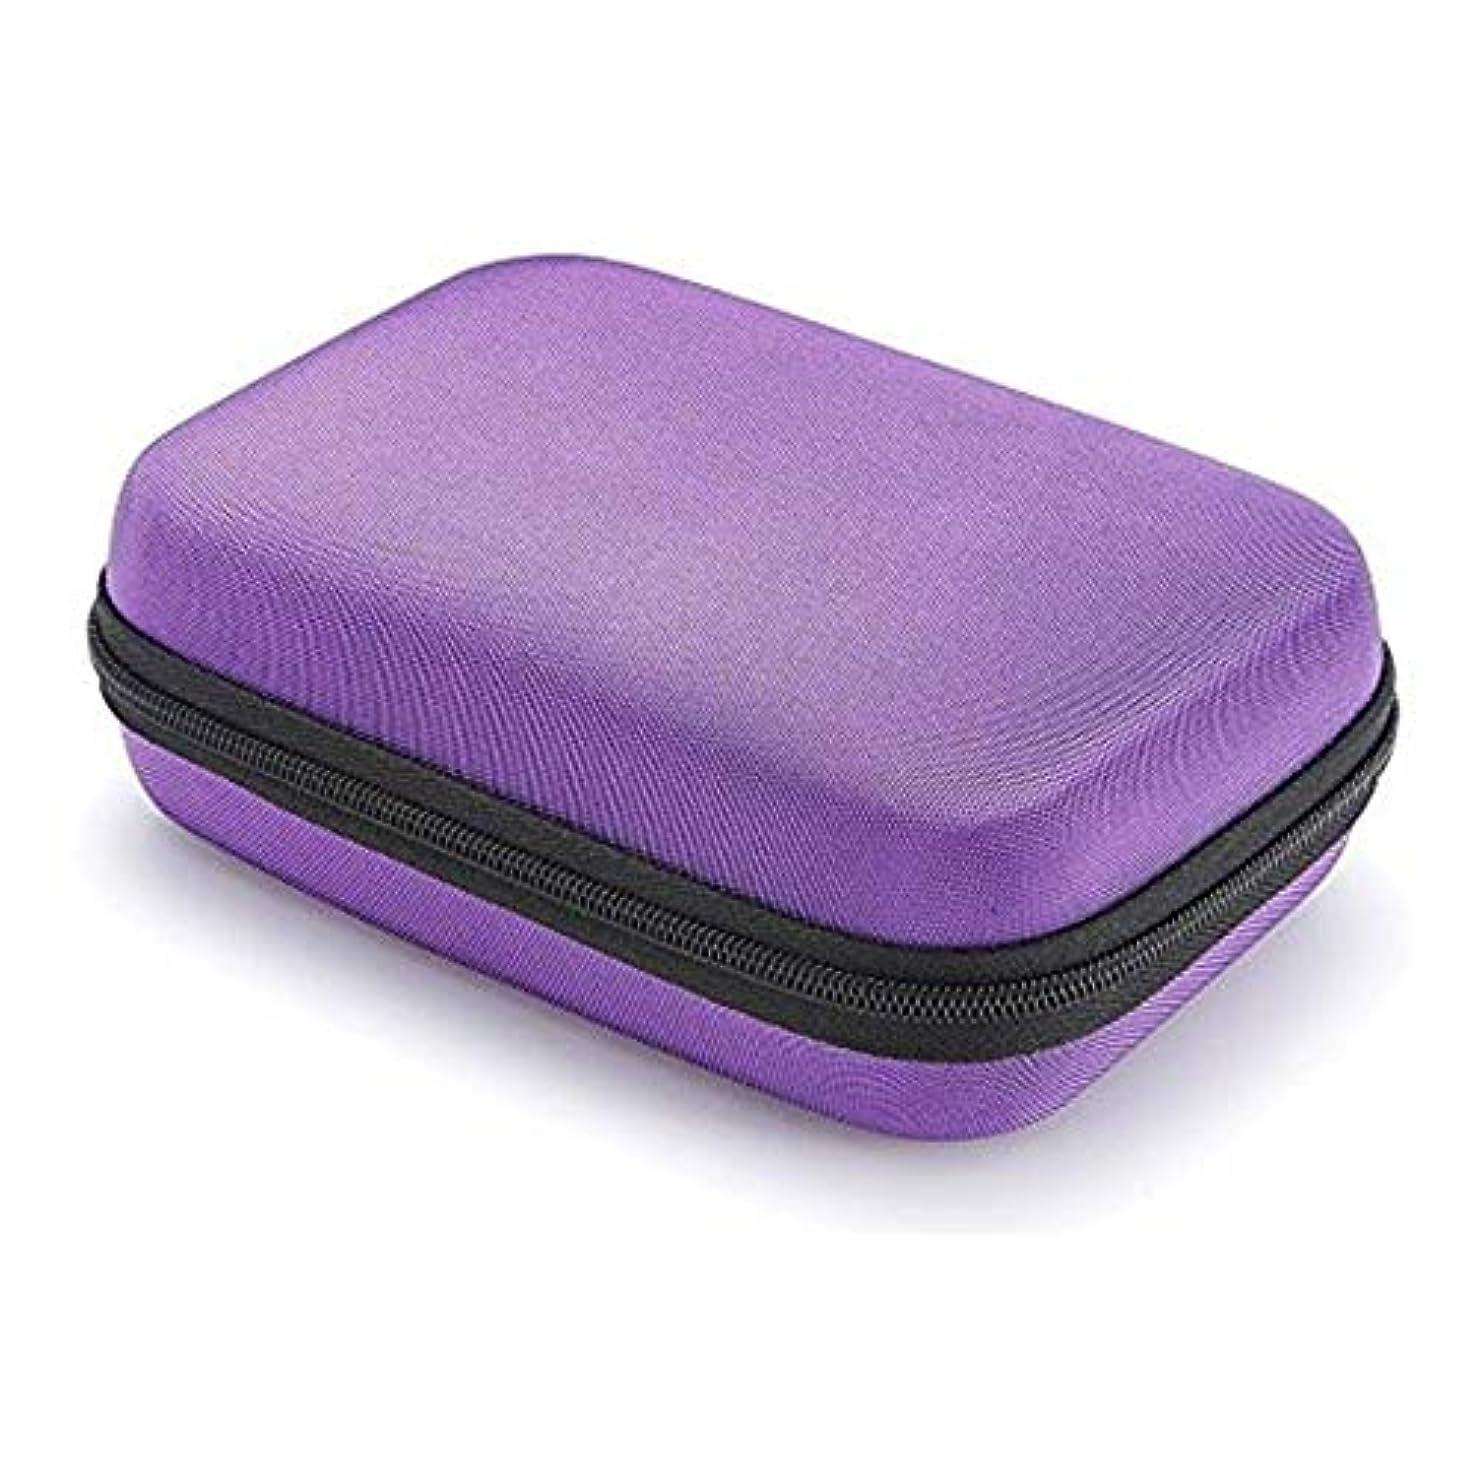 傑作ハード奨学金エッセンシャルオイル収納ケース 収納バッグ 携帯用ポーチ EVA製 防水 耐衝撃性 12本入り 10ml?15mlのボルトに適用 3色選べる junexi